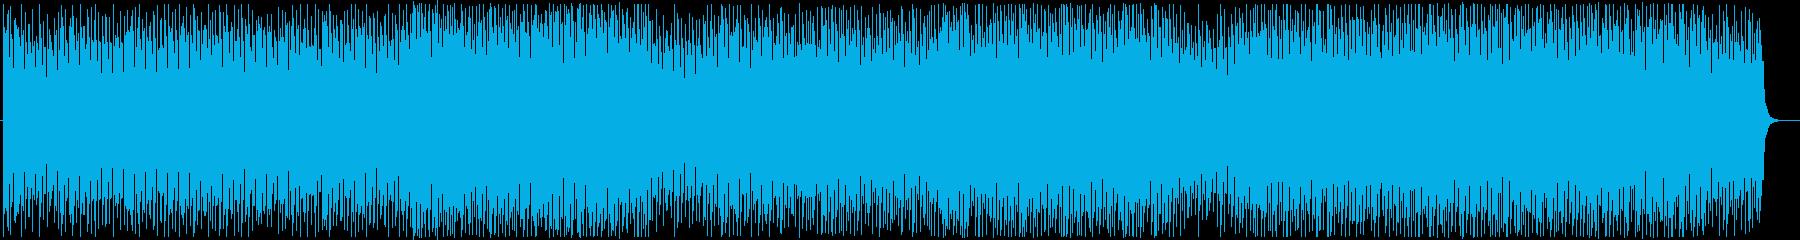 軽快で疾走感のあるテクノポップの再生済みの波形